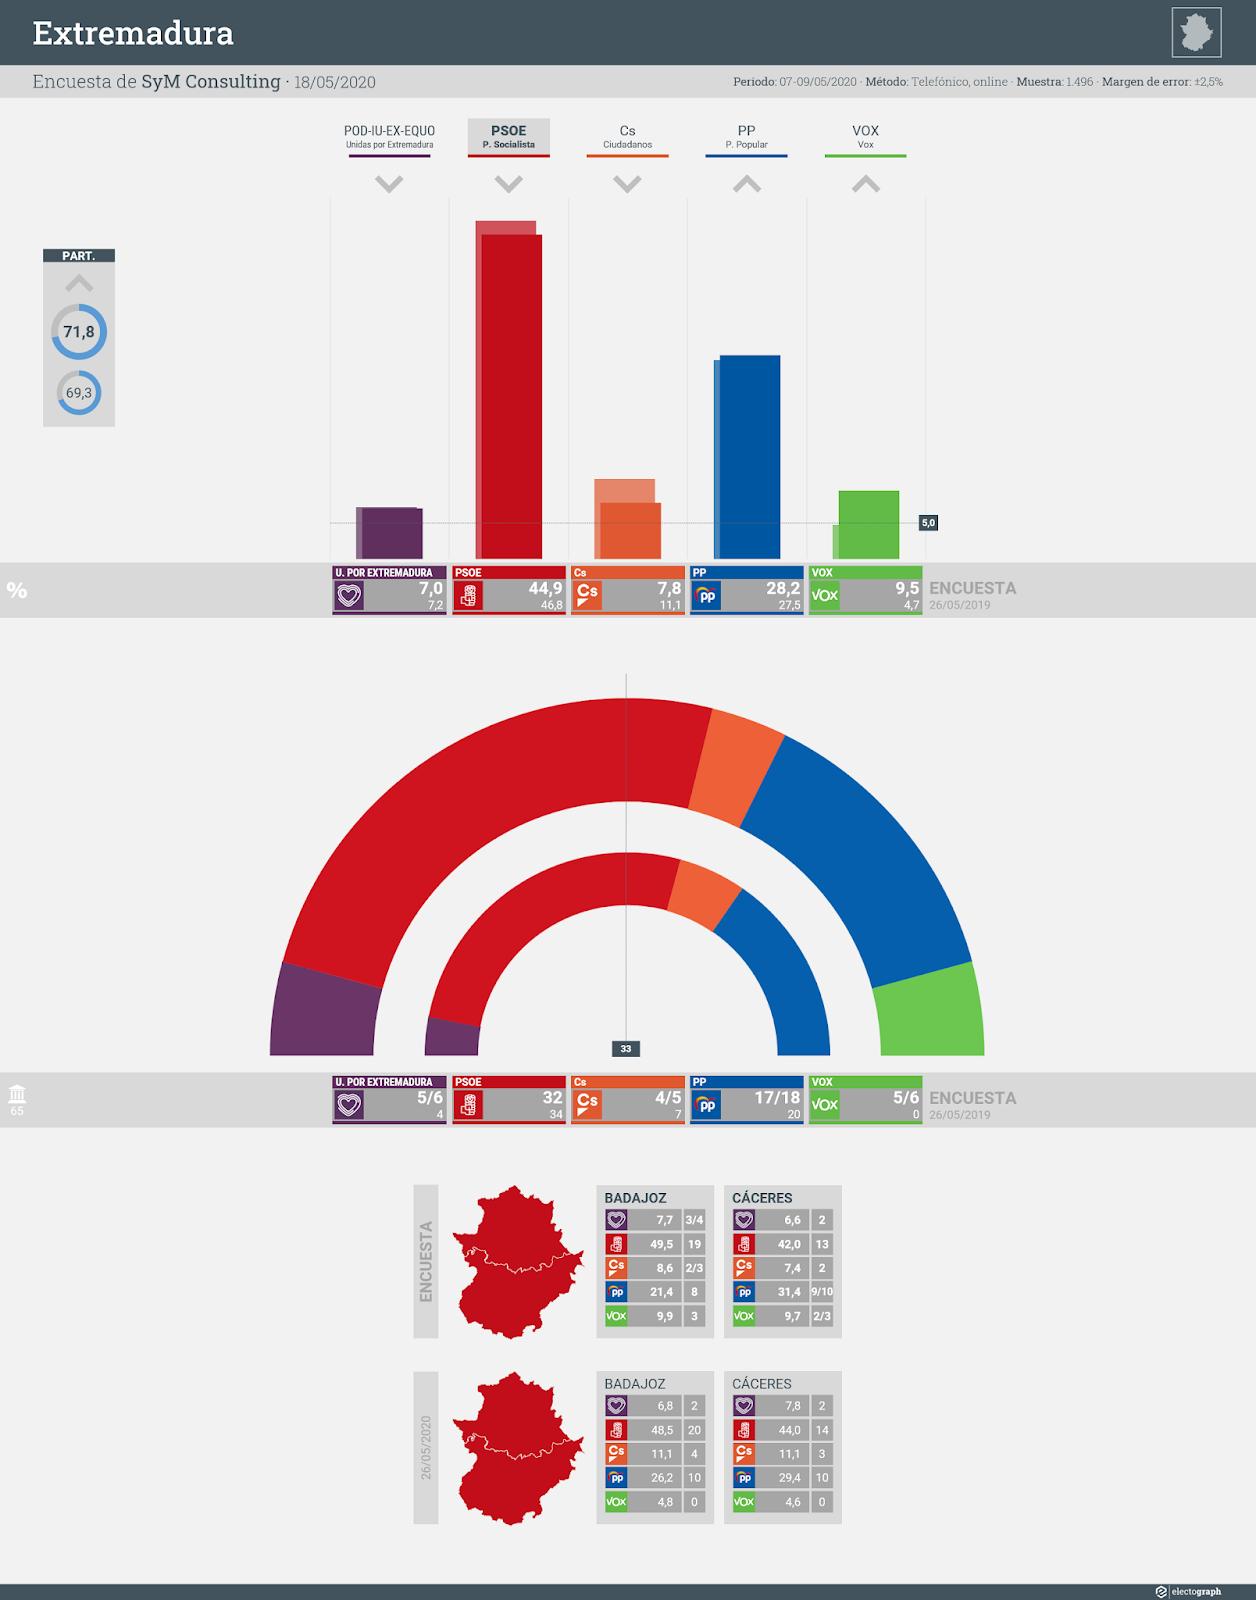 Gráfico de la encuesta para elecciones autonómicas en Extremadura realizada por SyM Consulting, 18 de mayo de 2020